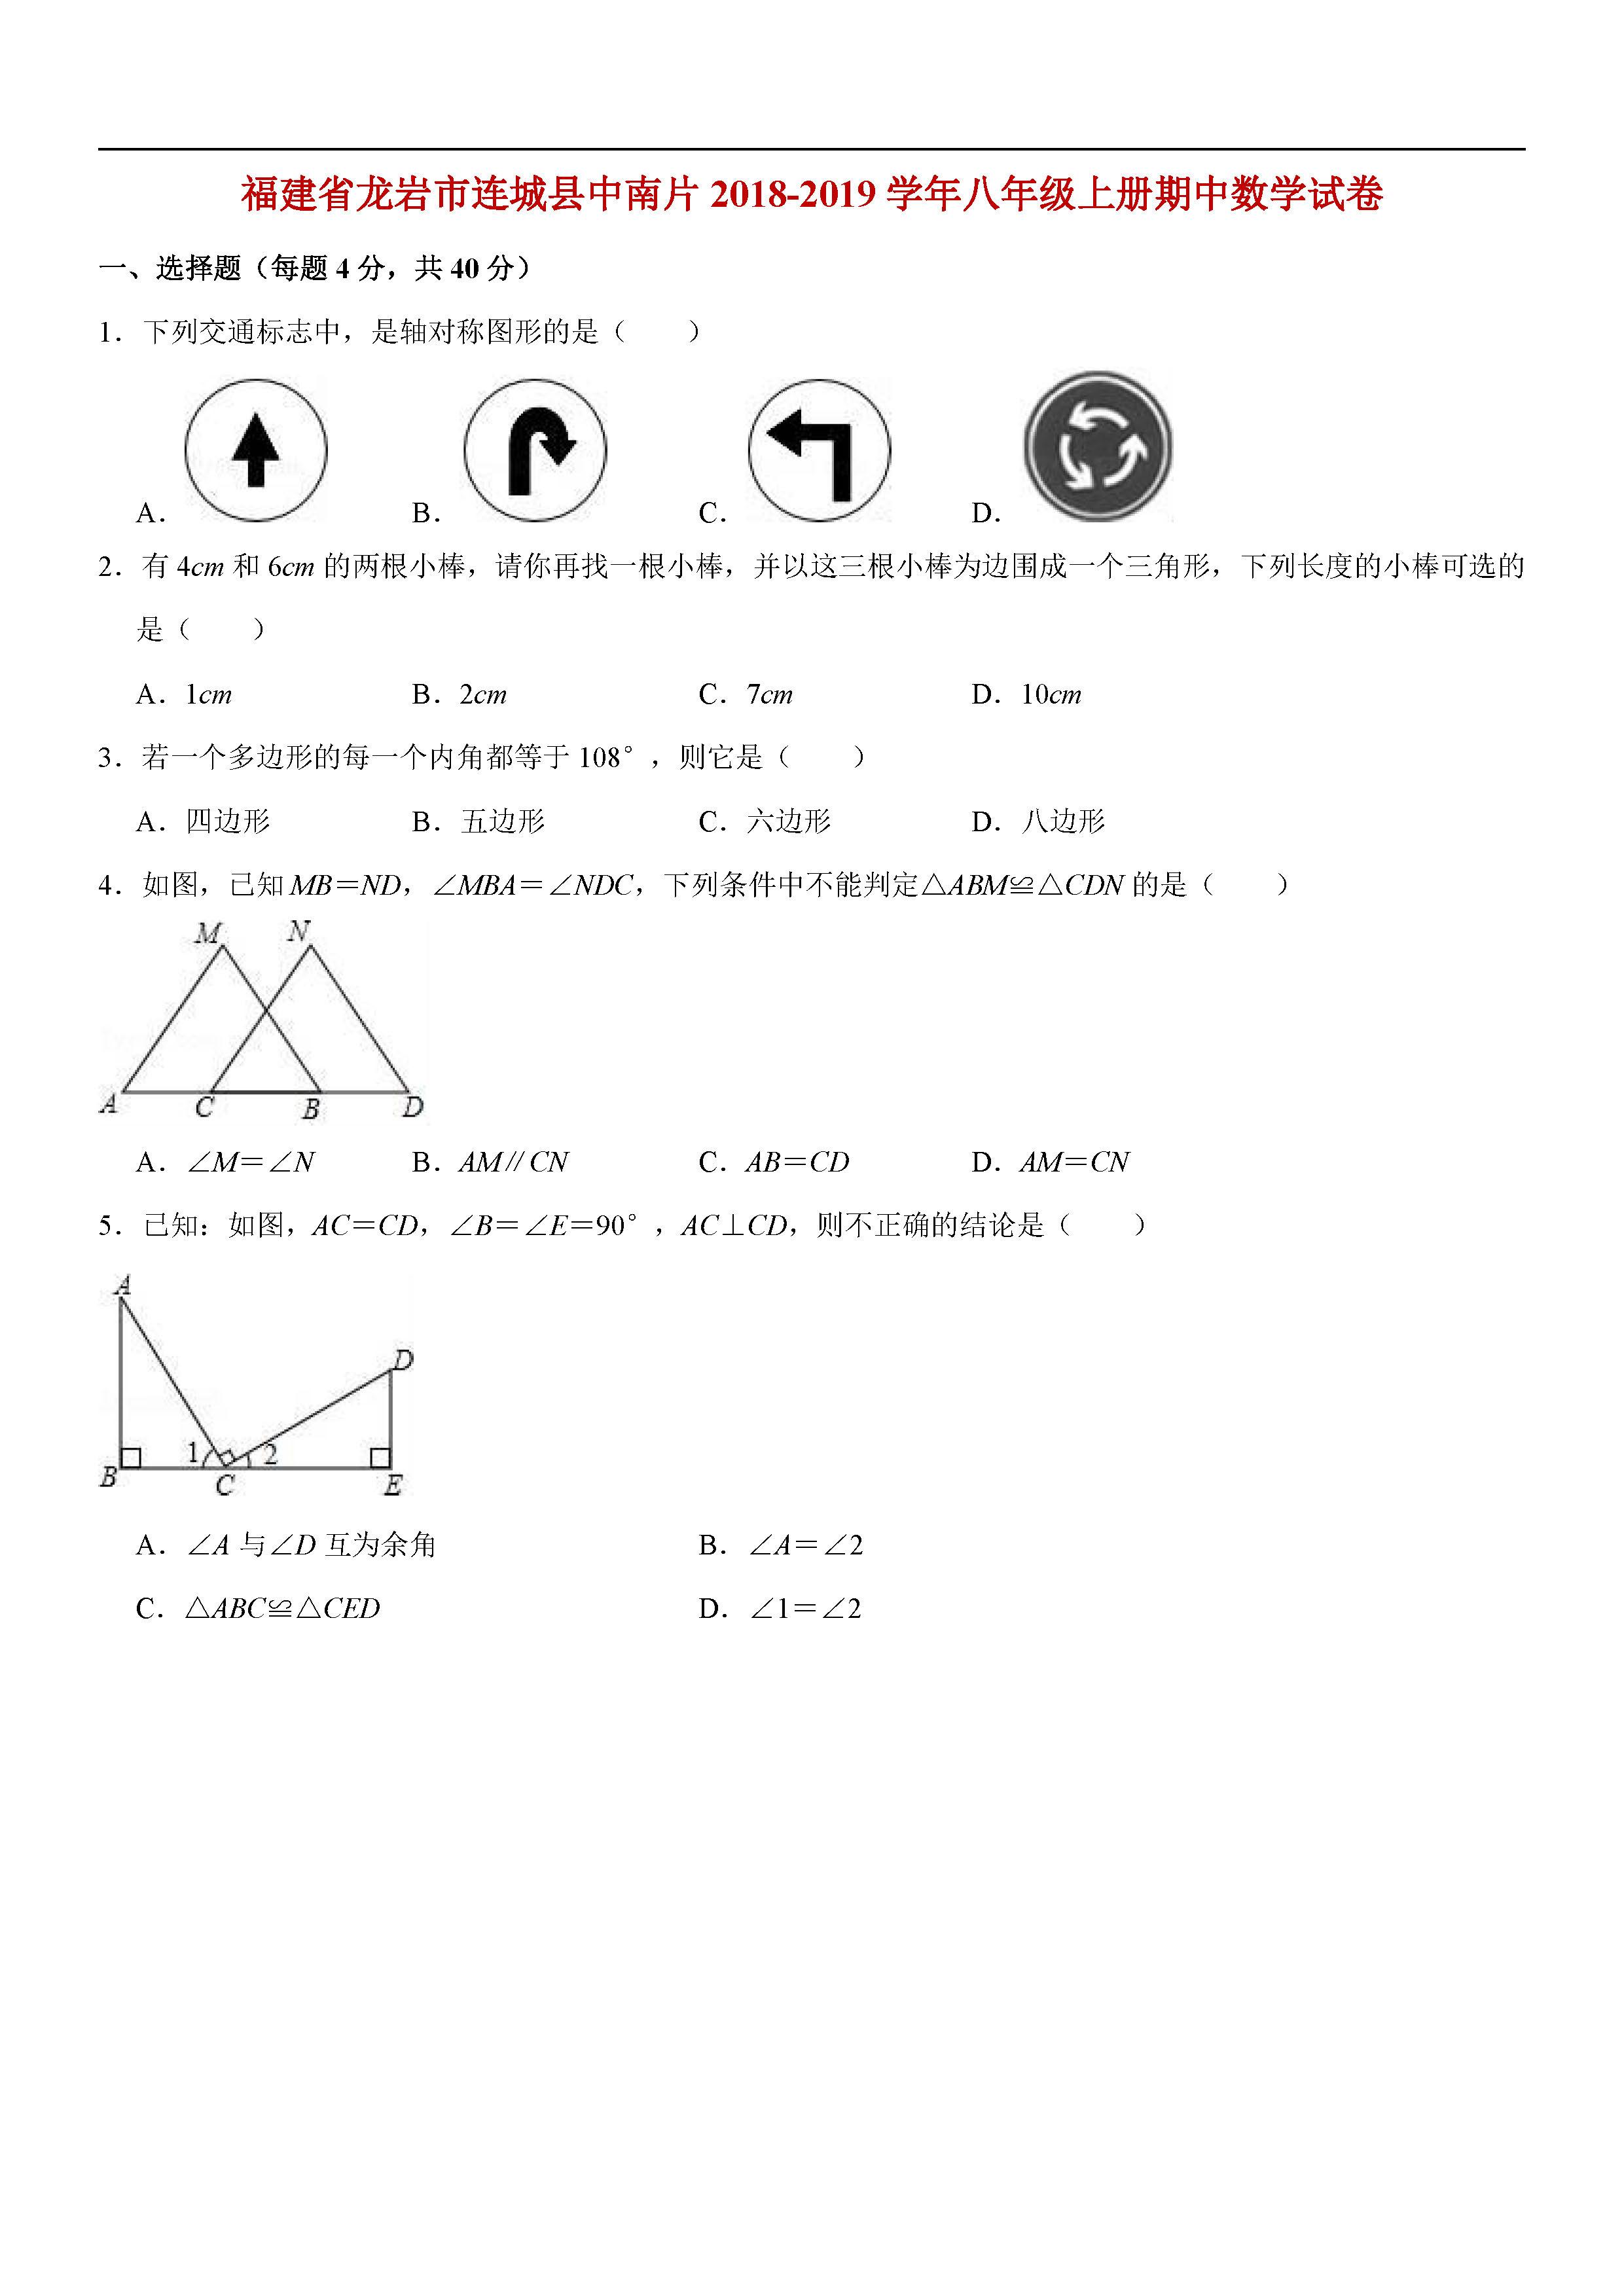 福建龙岩连城县中南片2018-2019八年级数学上册期中试题答案及解析